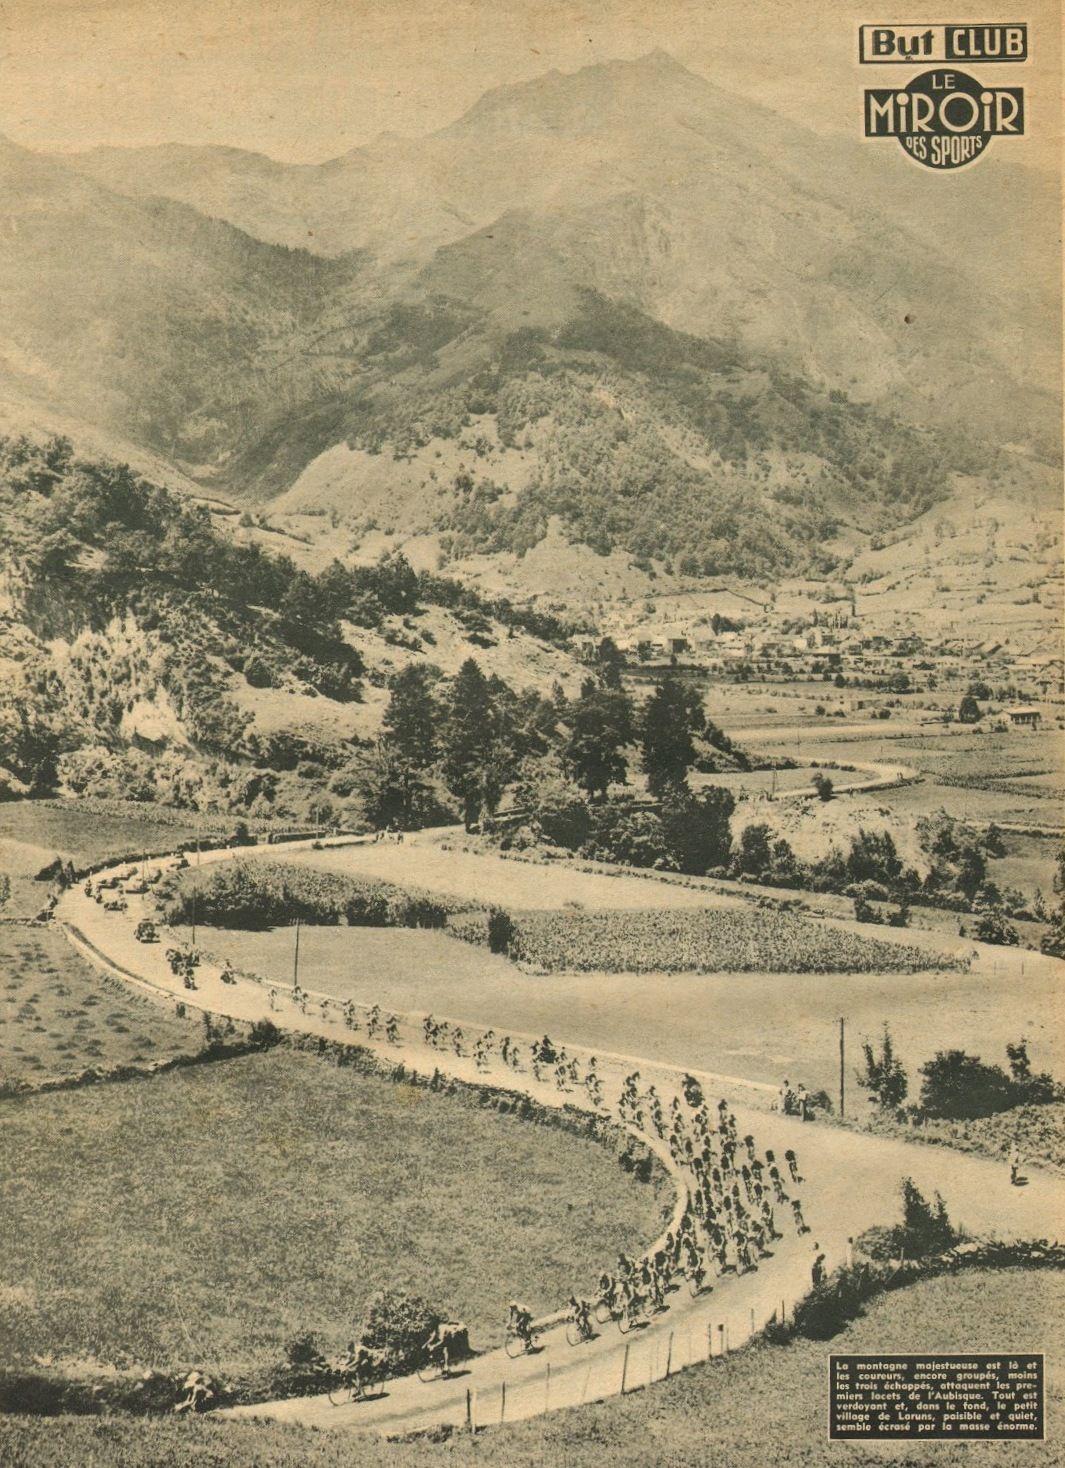 Tour de France 1953. 10^Tappa, 13 luglio. Pau > Cauterets. Col d'Aubisque. Il gruppo all'inizio della salita. Sullo sfondo il piccolo vilaggio di Laruns [Le Miroir des Sports]